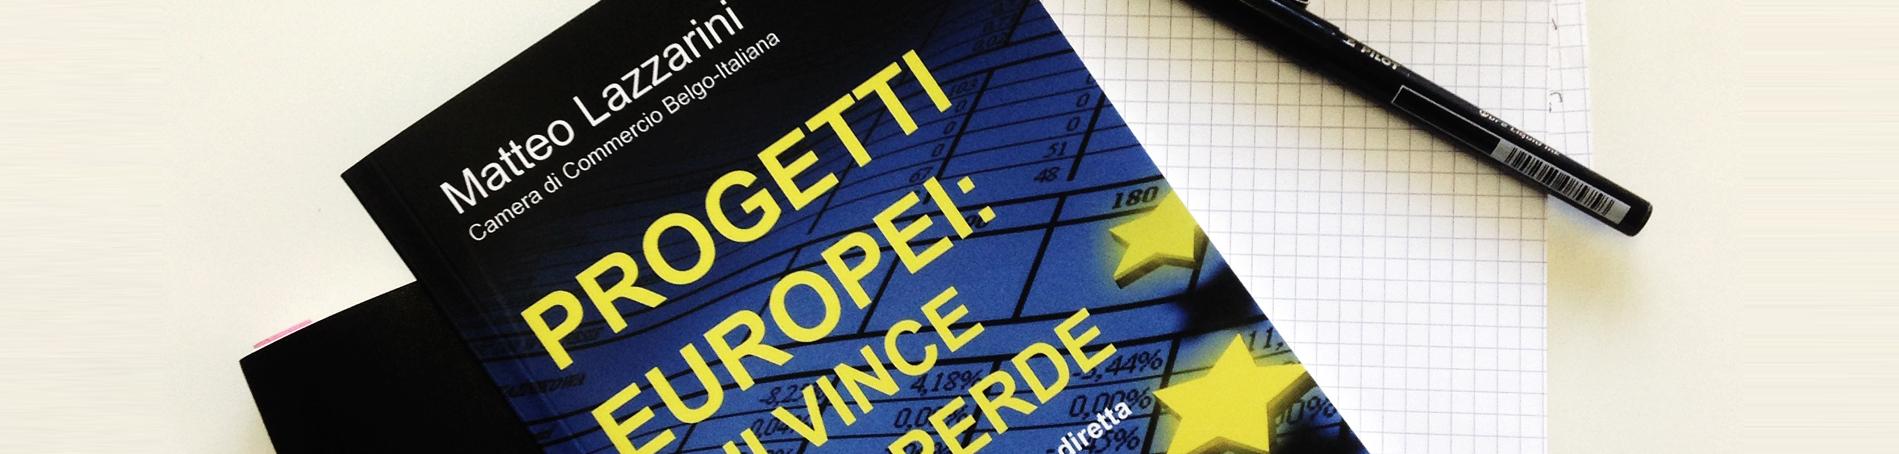 progetti europei, cooperazione, emigrazione